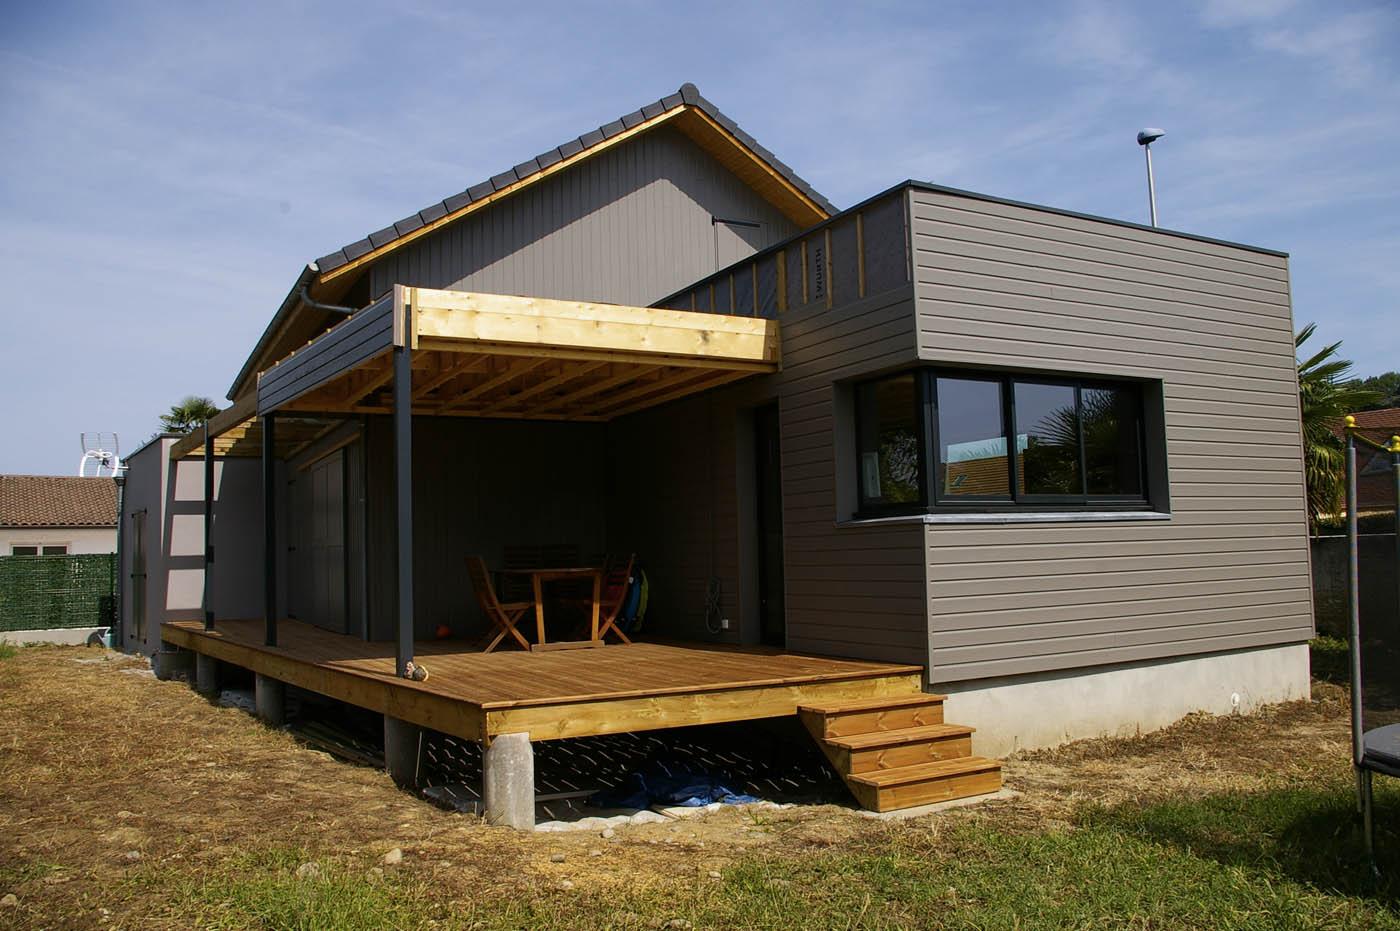 Maison Ossature Bois Vosges maison à ossature bois type caissons selon yves laborde dans